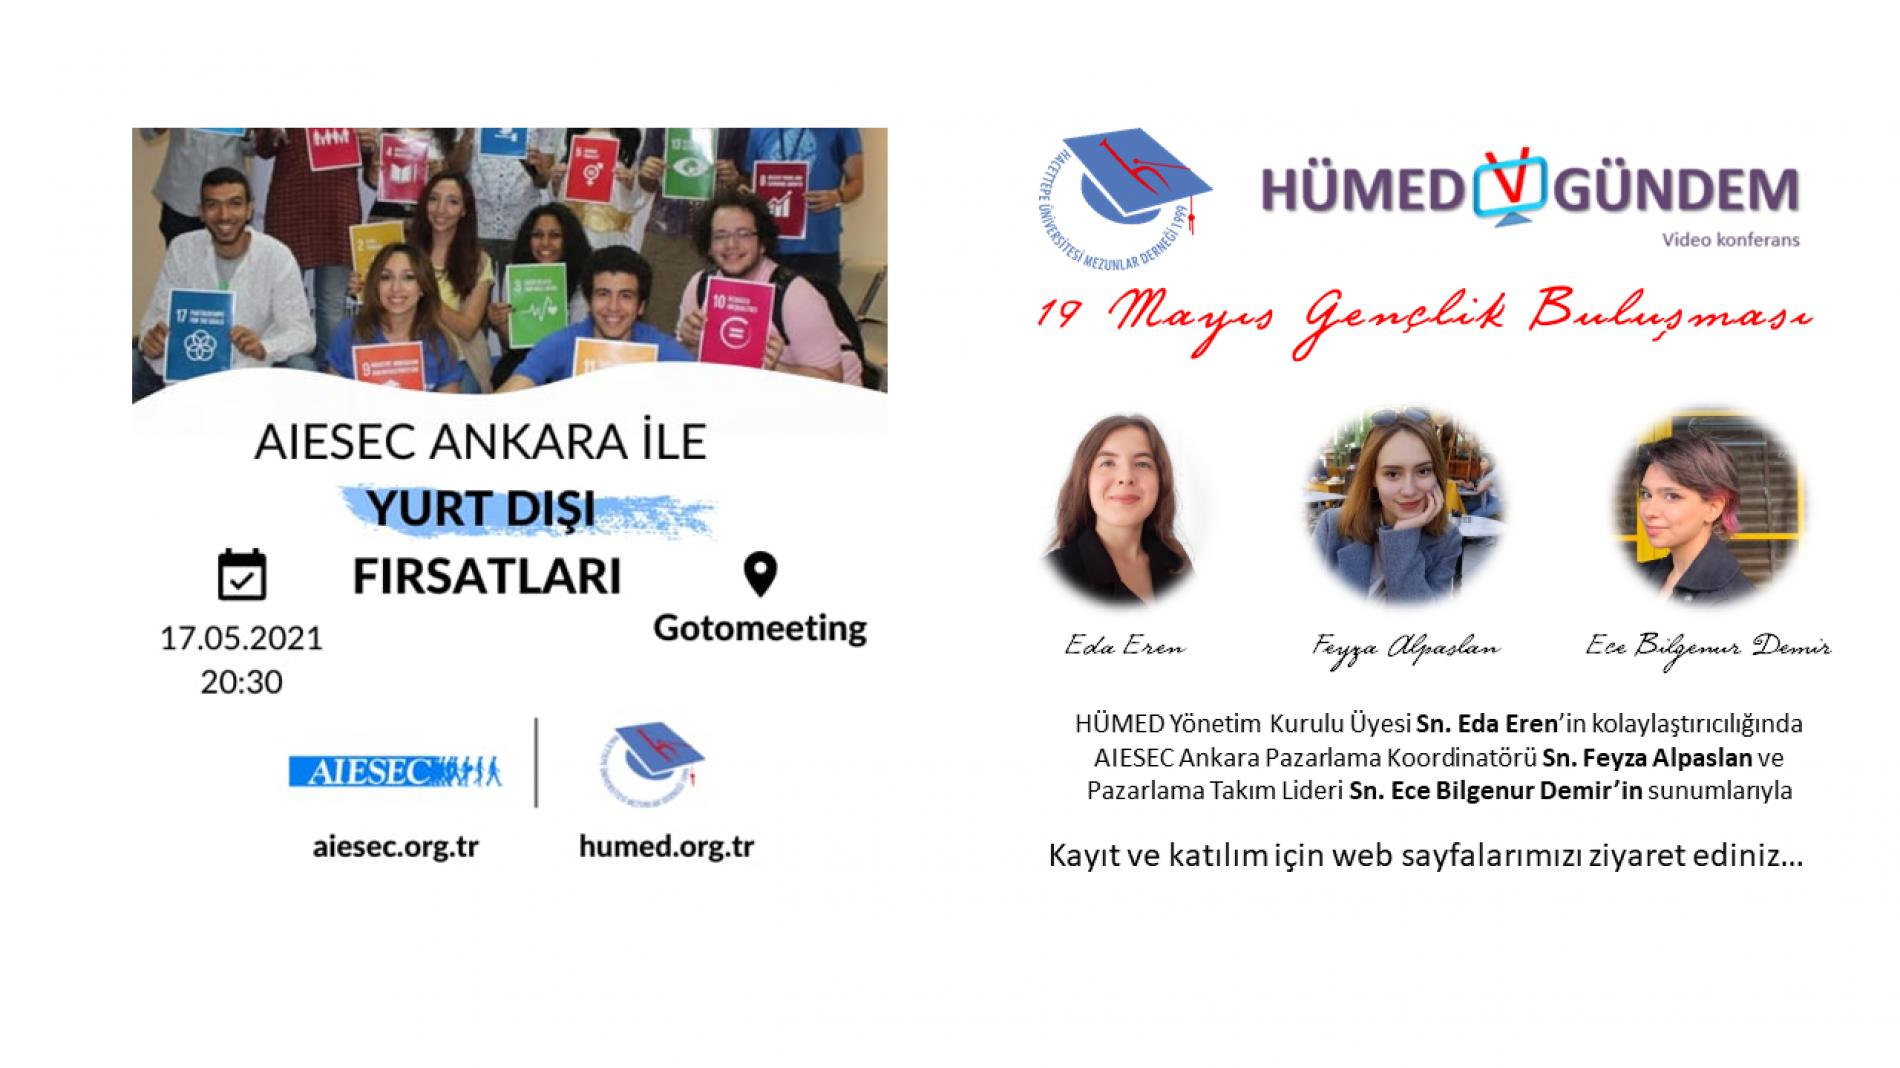 HUMED v-Gündem #11: AIESEC Ankara ile Yurt Dışı Fırsatları (19 Mayıs Gençlik Buluşması)